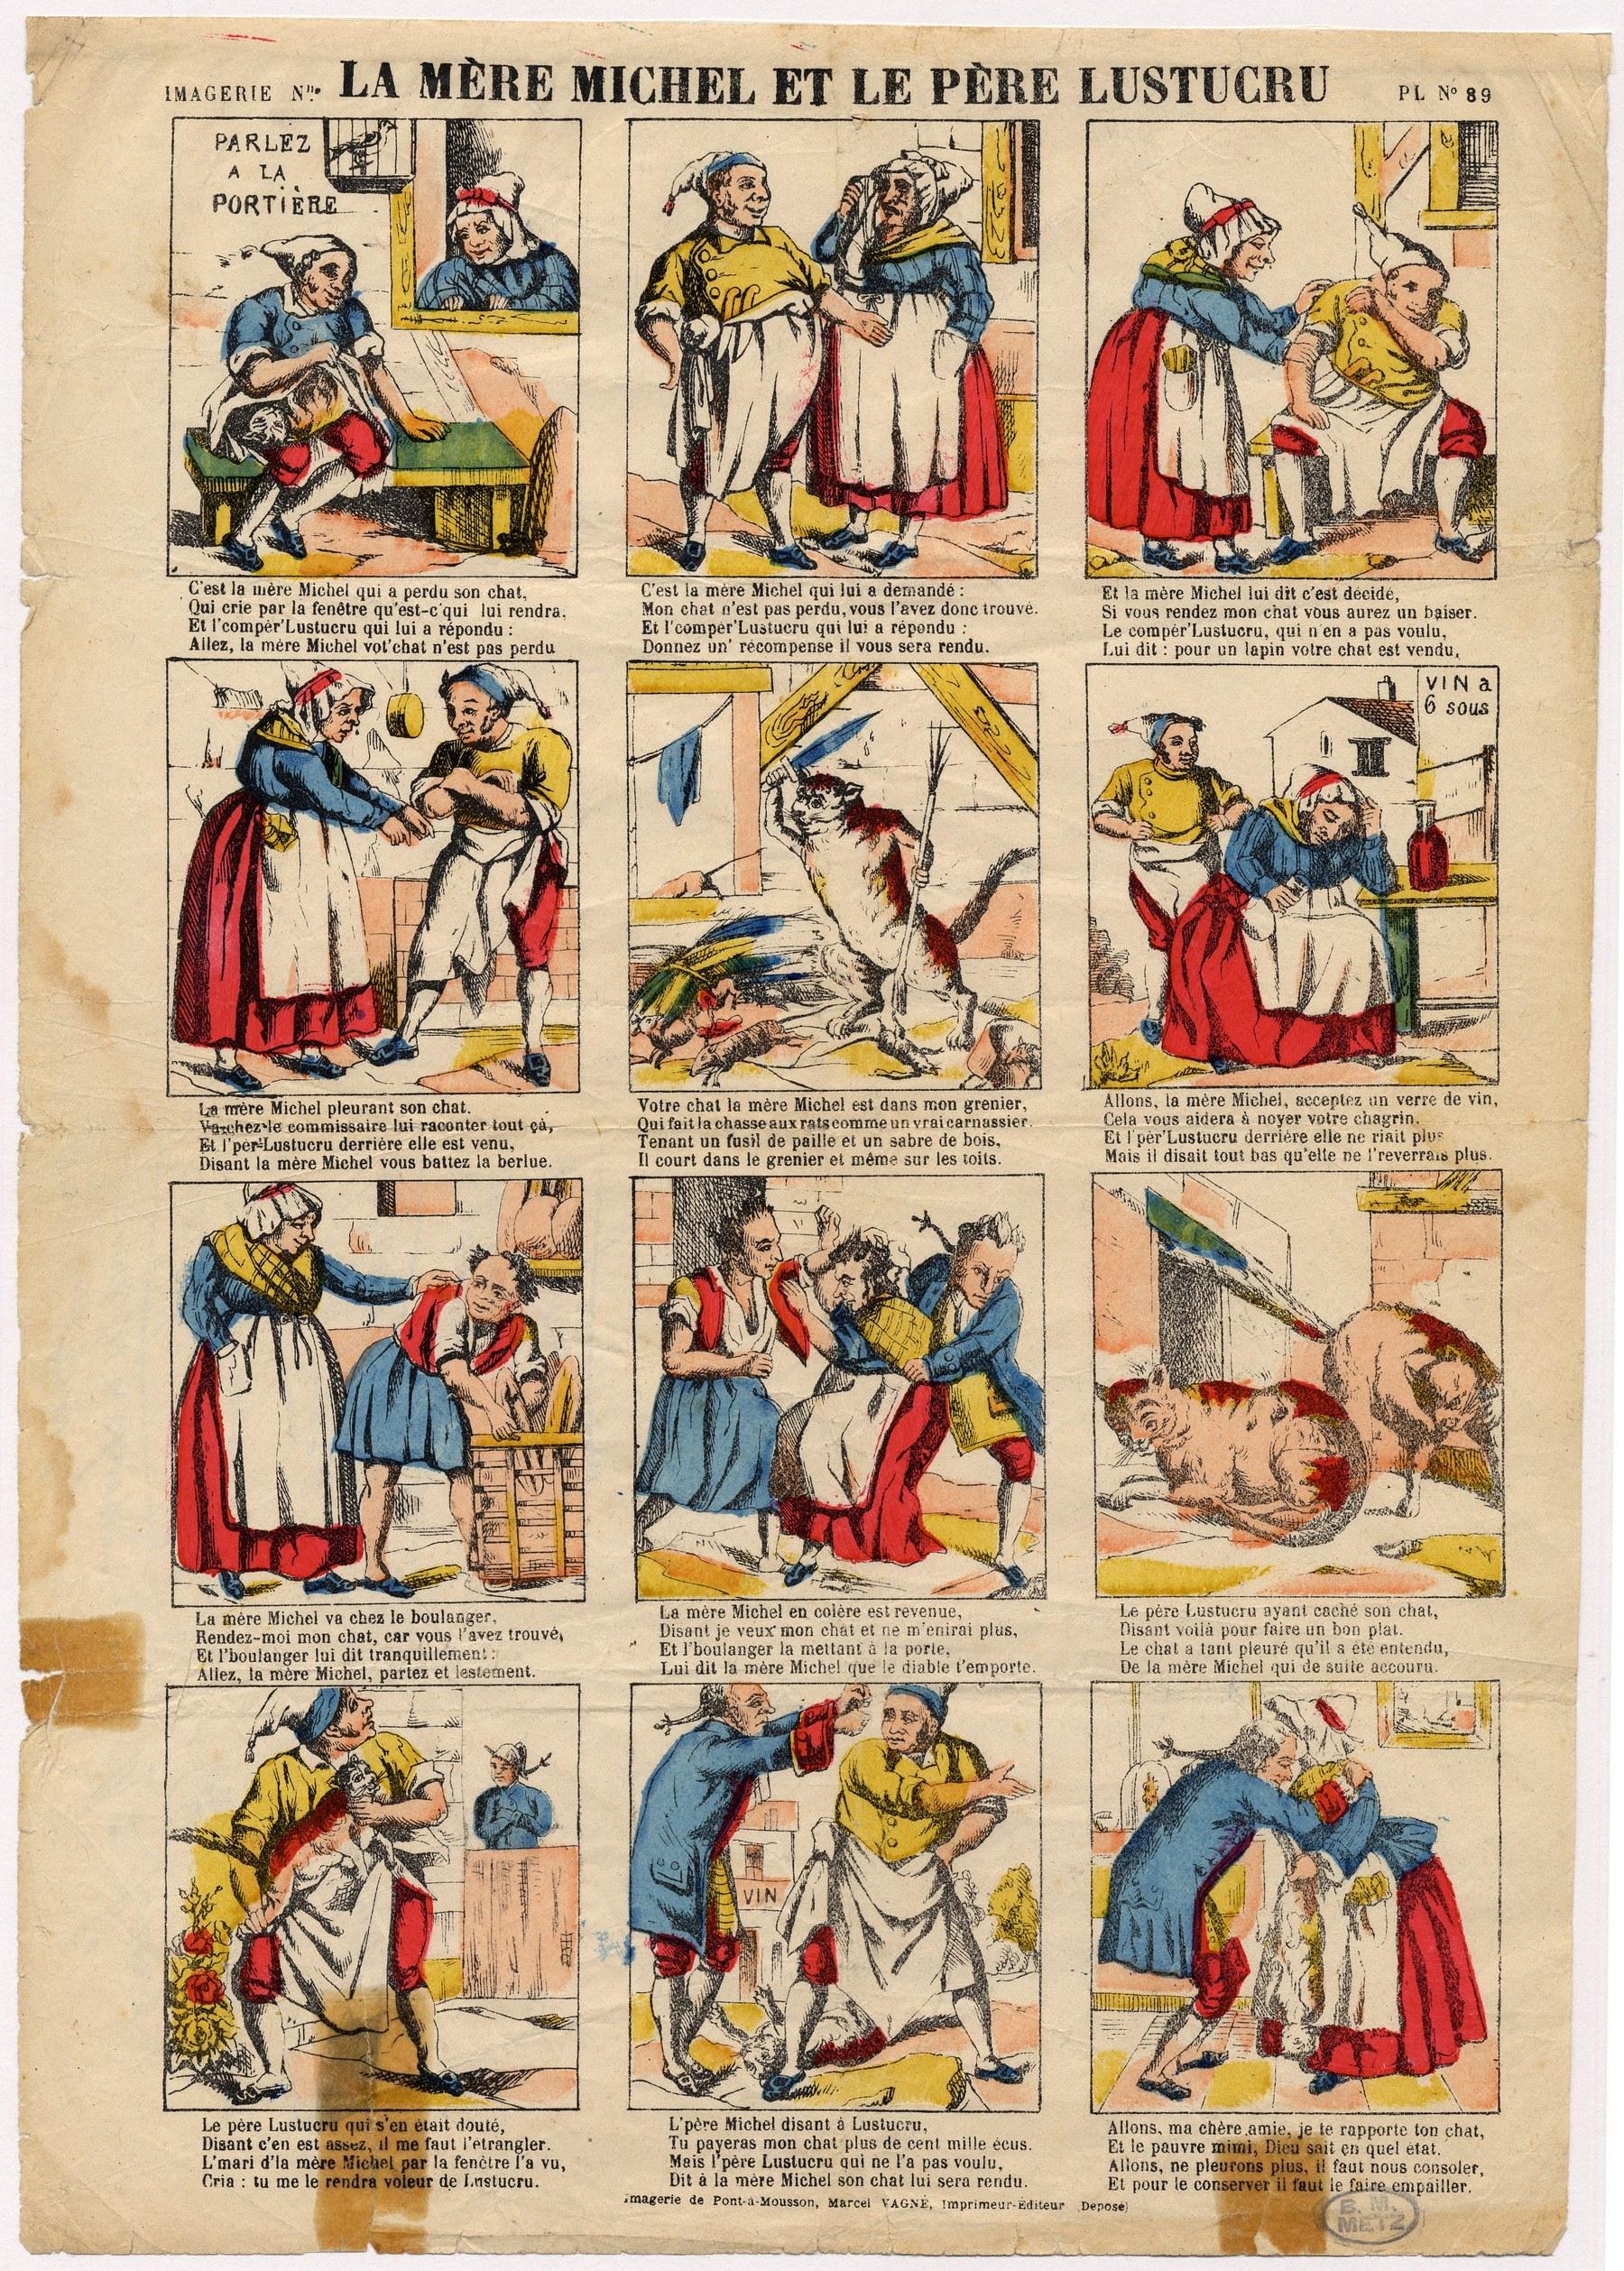 Contenu du La mère Michel et le père Lustucru